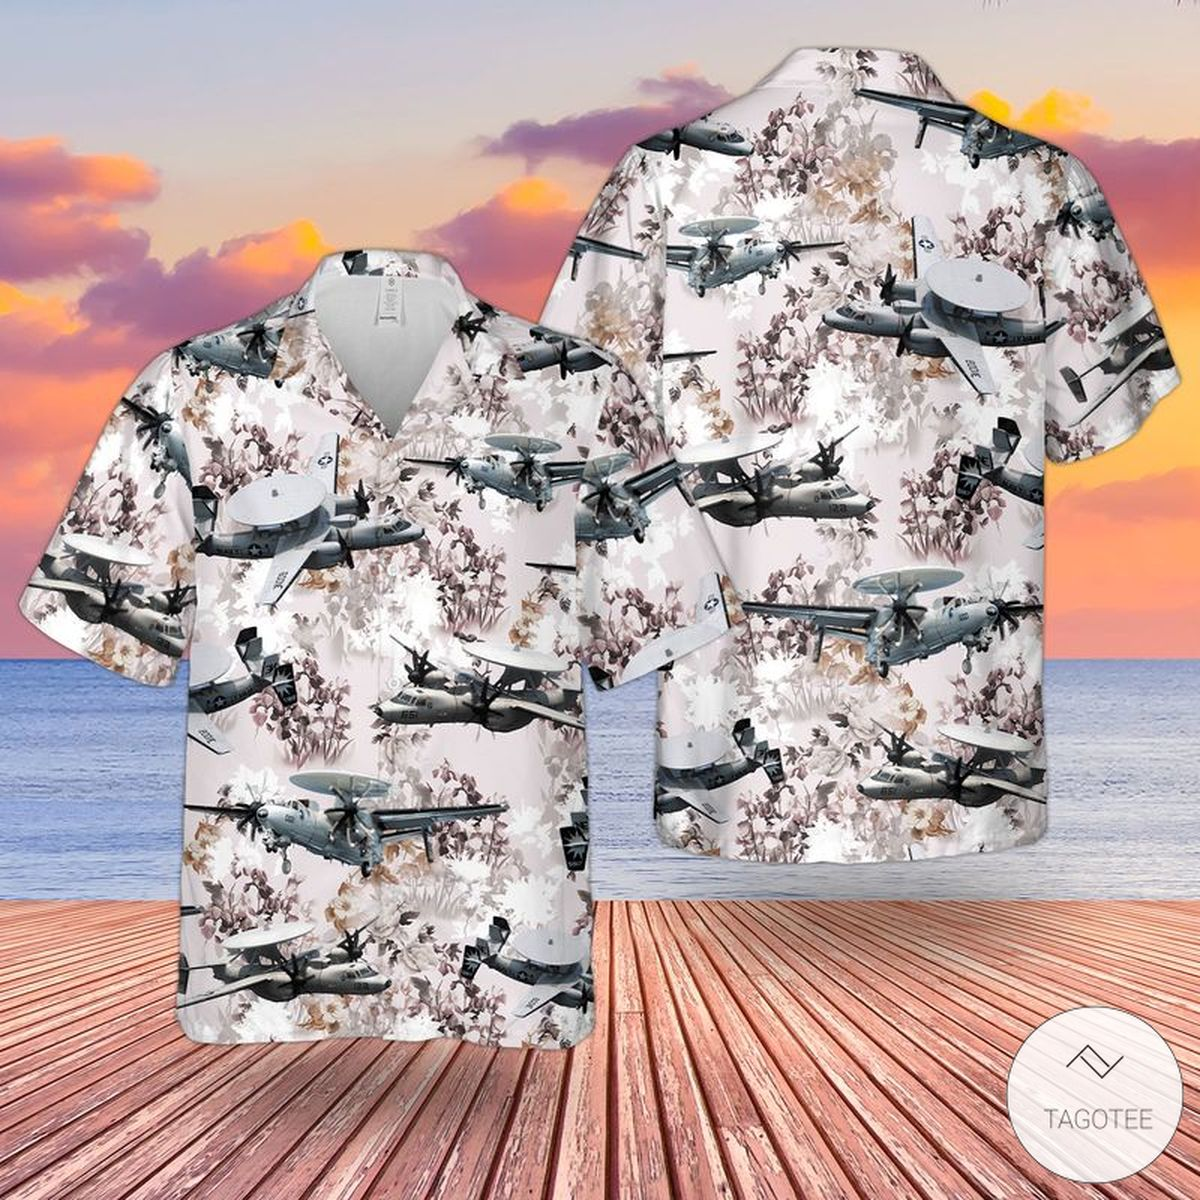 US Navy Northrop Grumman E-2 Hawkeye Hawaiian Shirt, Beach Shorts